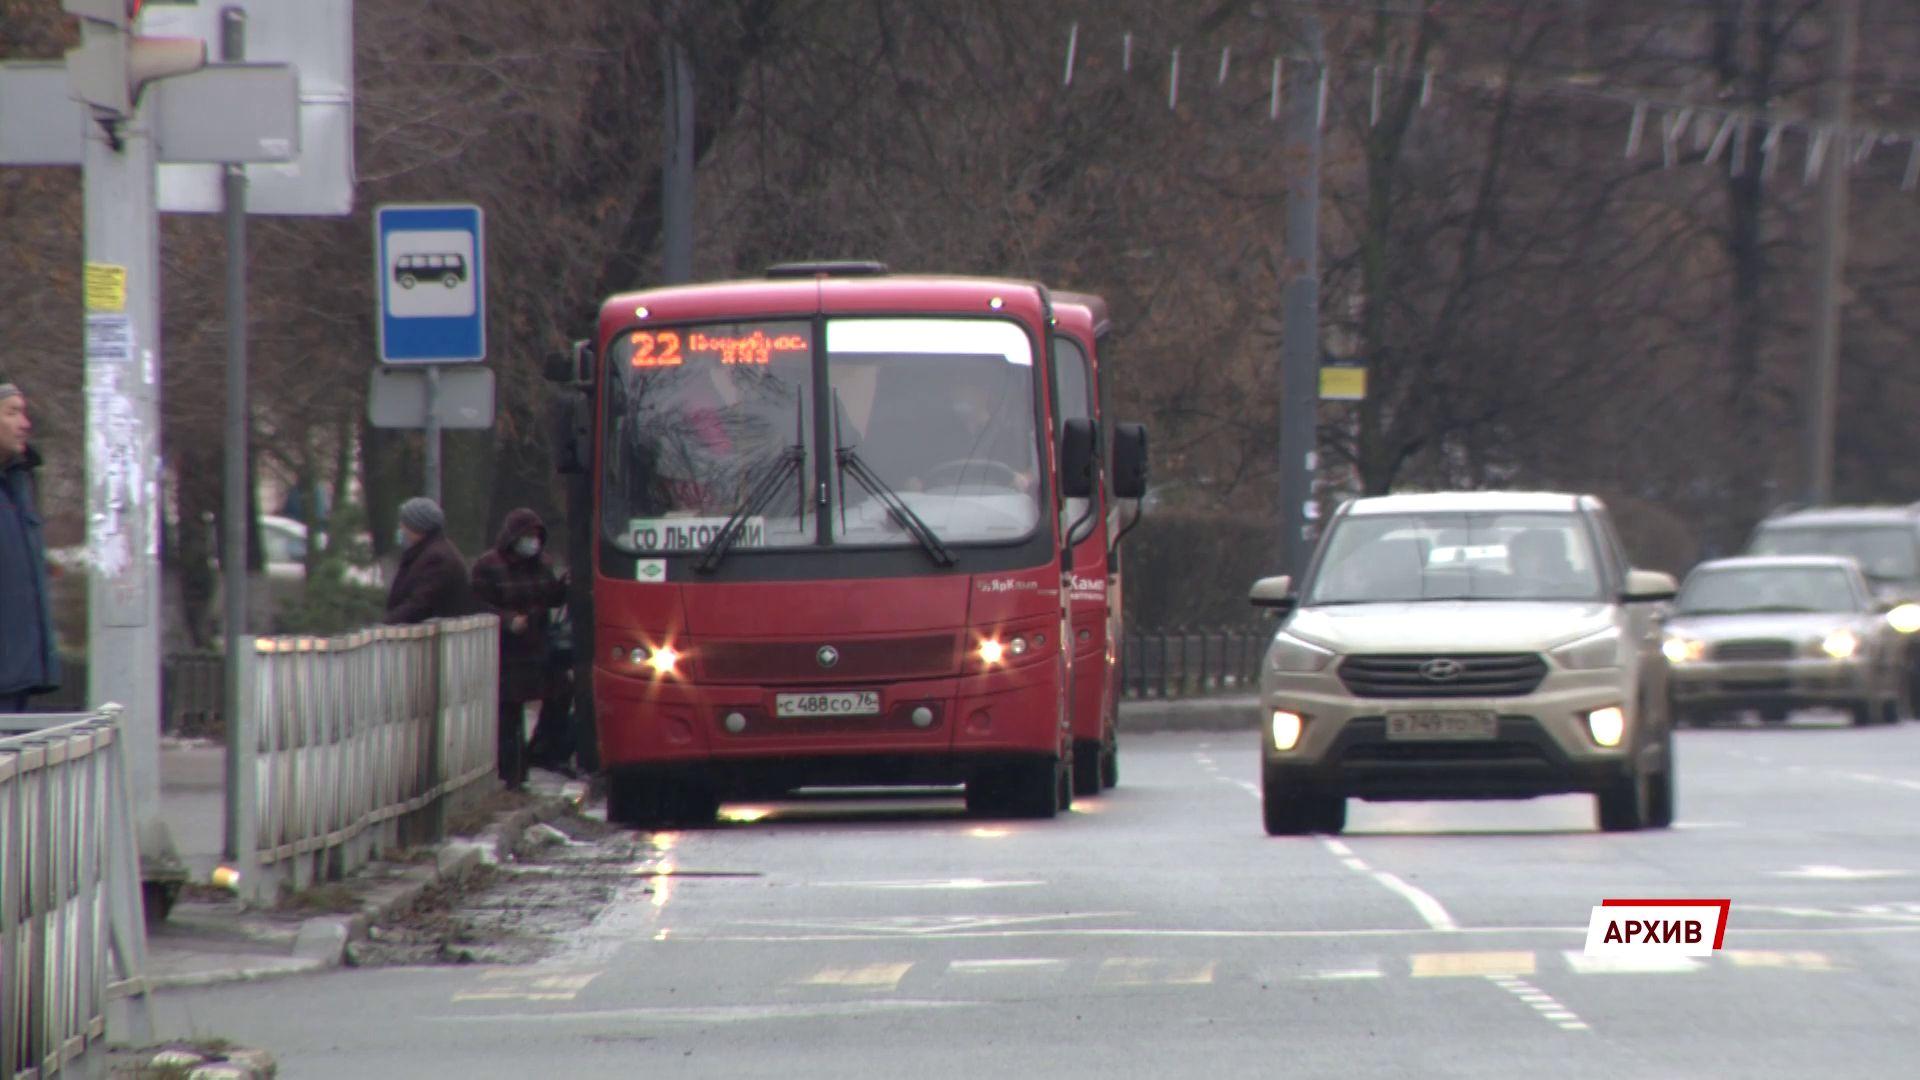 Ярославские депутаты обсудили реорганизацию общественного транспорта